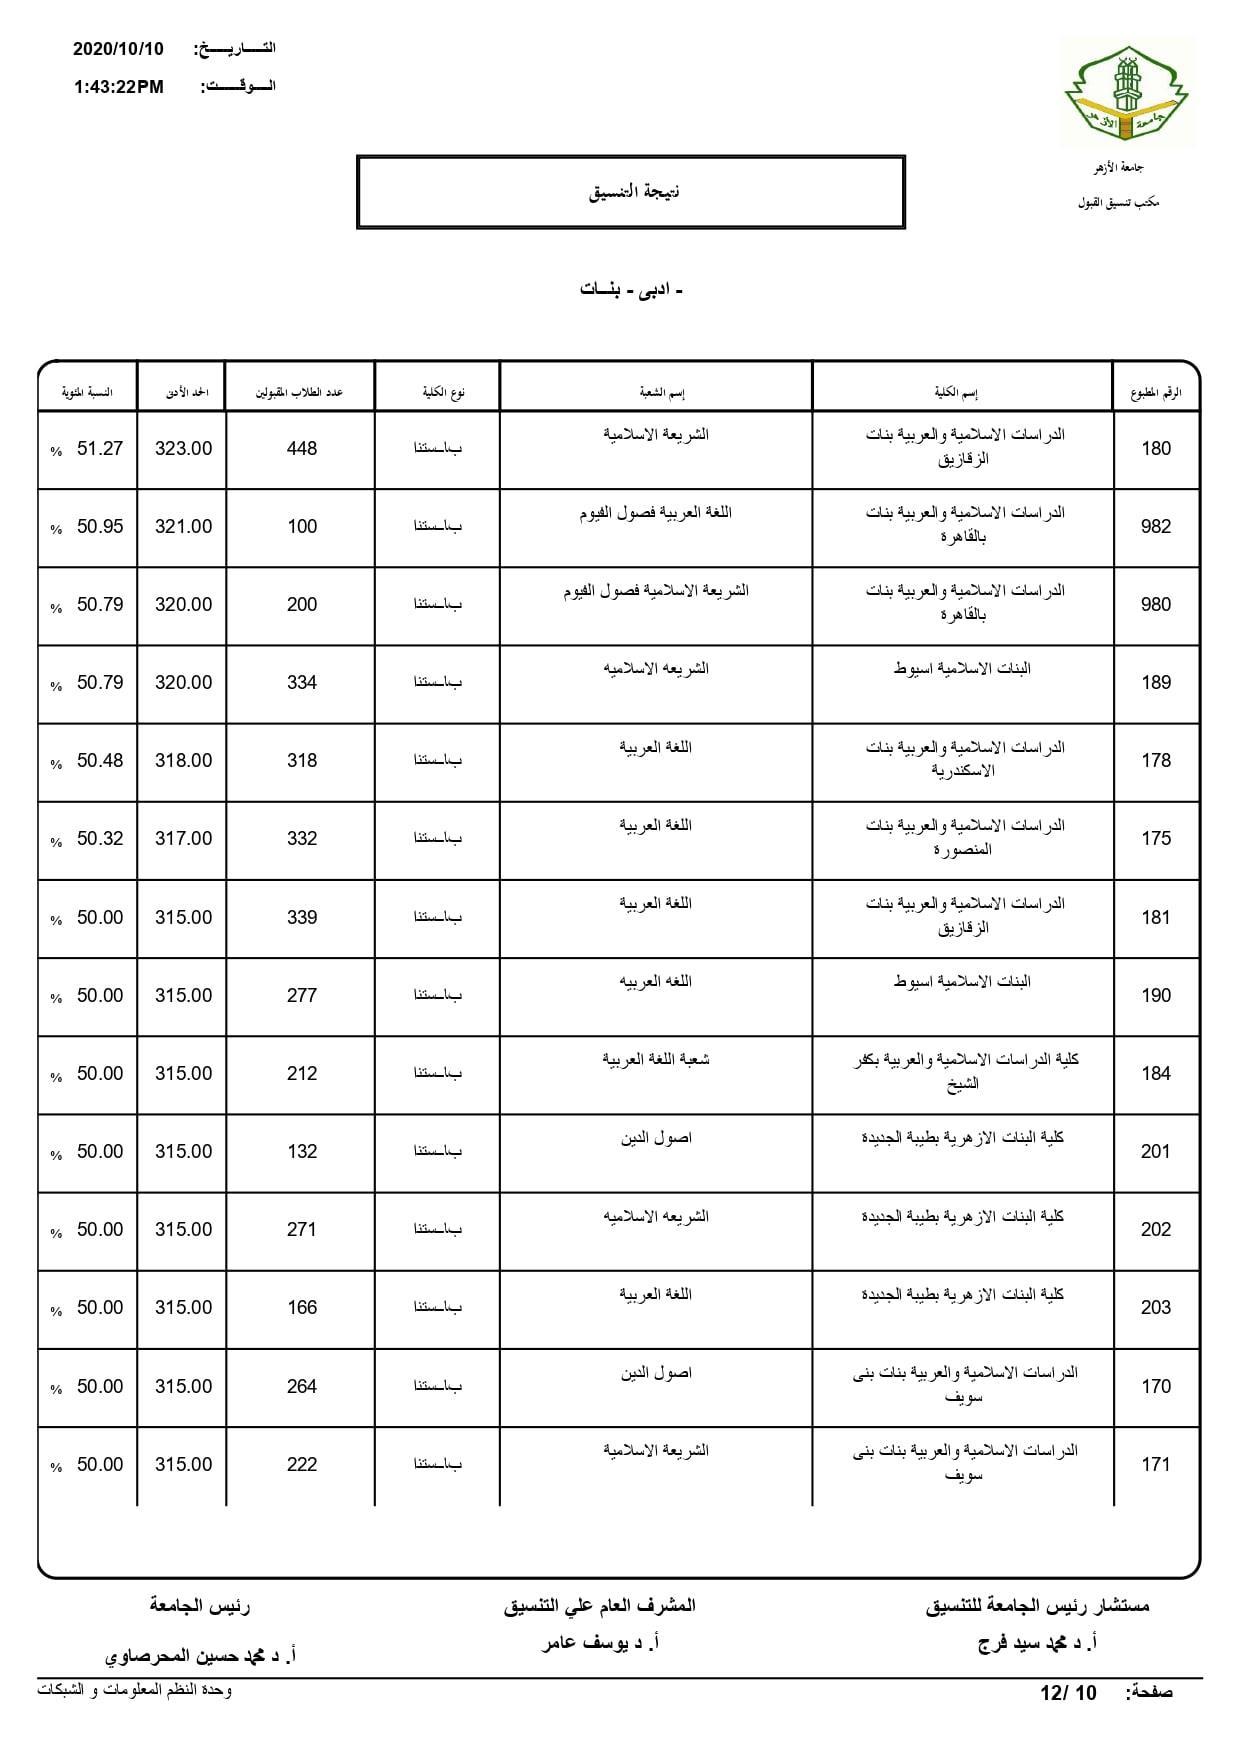 نتيجة تنسيق كليات جامعة الأزهر لعام 2020 بالكامل 20201010202712802